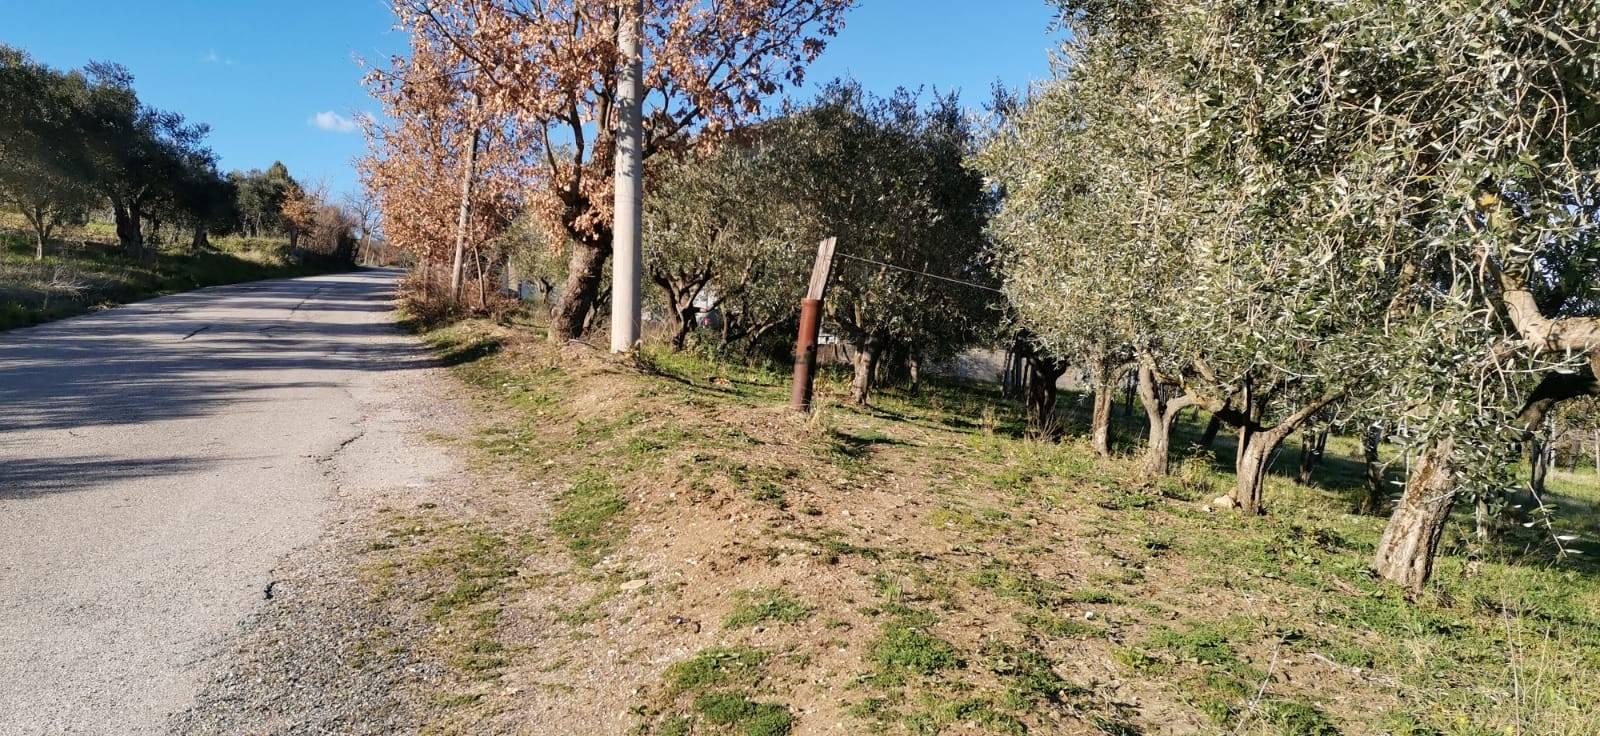 Terreno Agricolo in vendita a Foglianise, 9999 locali, prezzo € 30.000 | CambioCasa.it